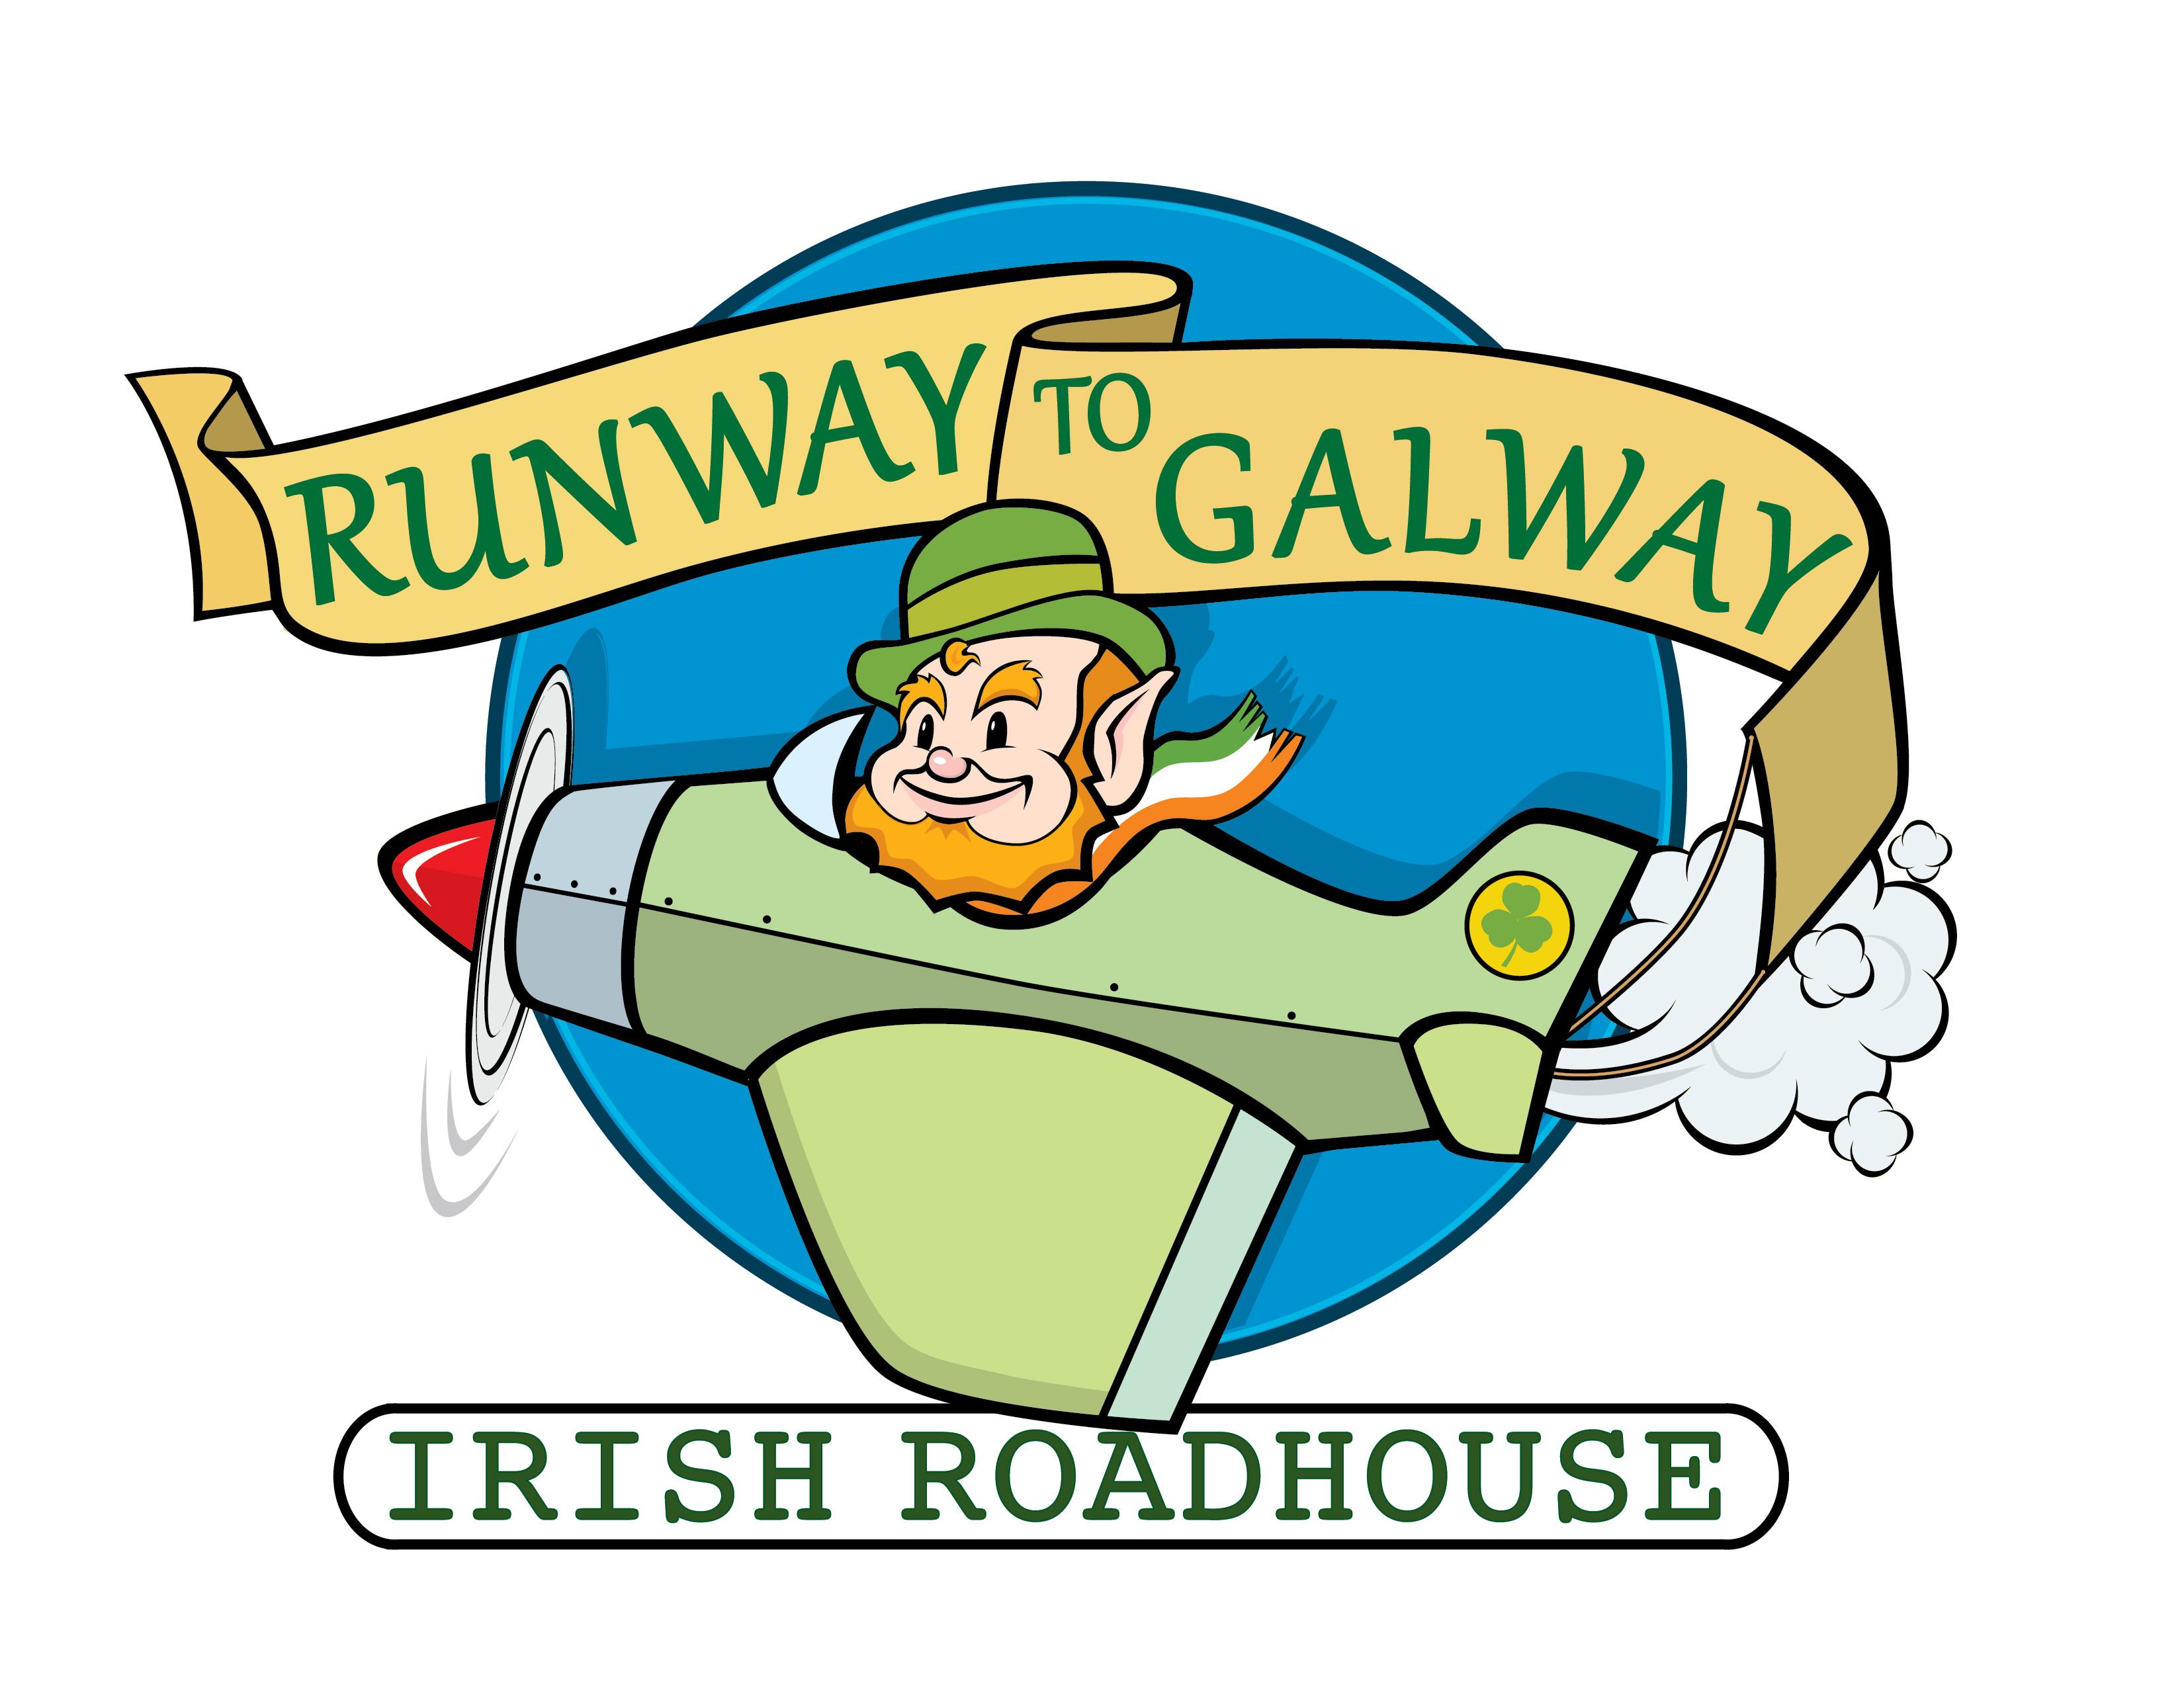 Runway To Galway Irish Roadhouse